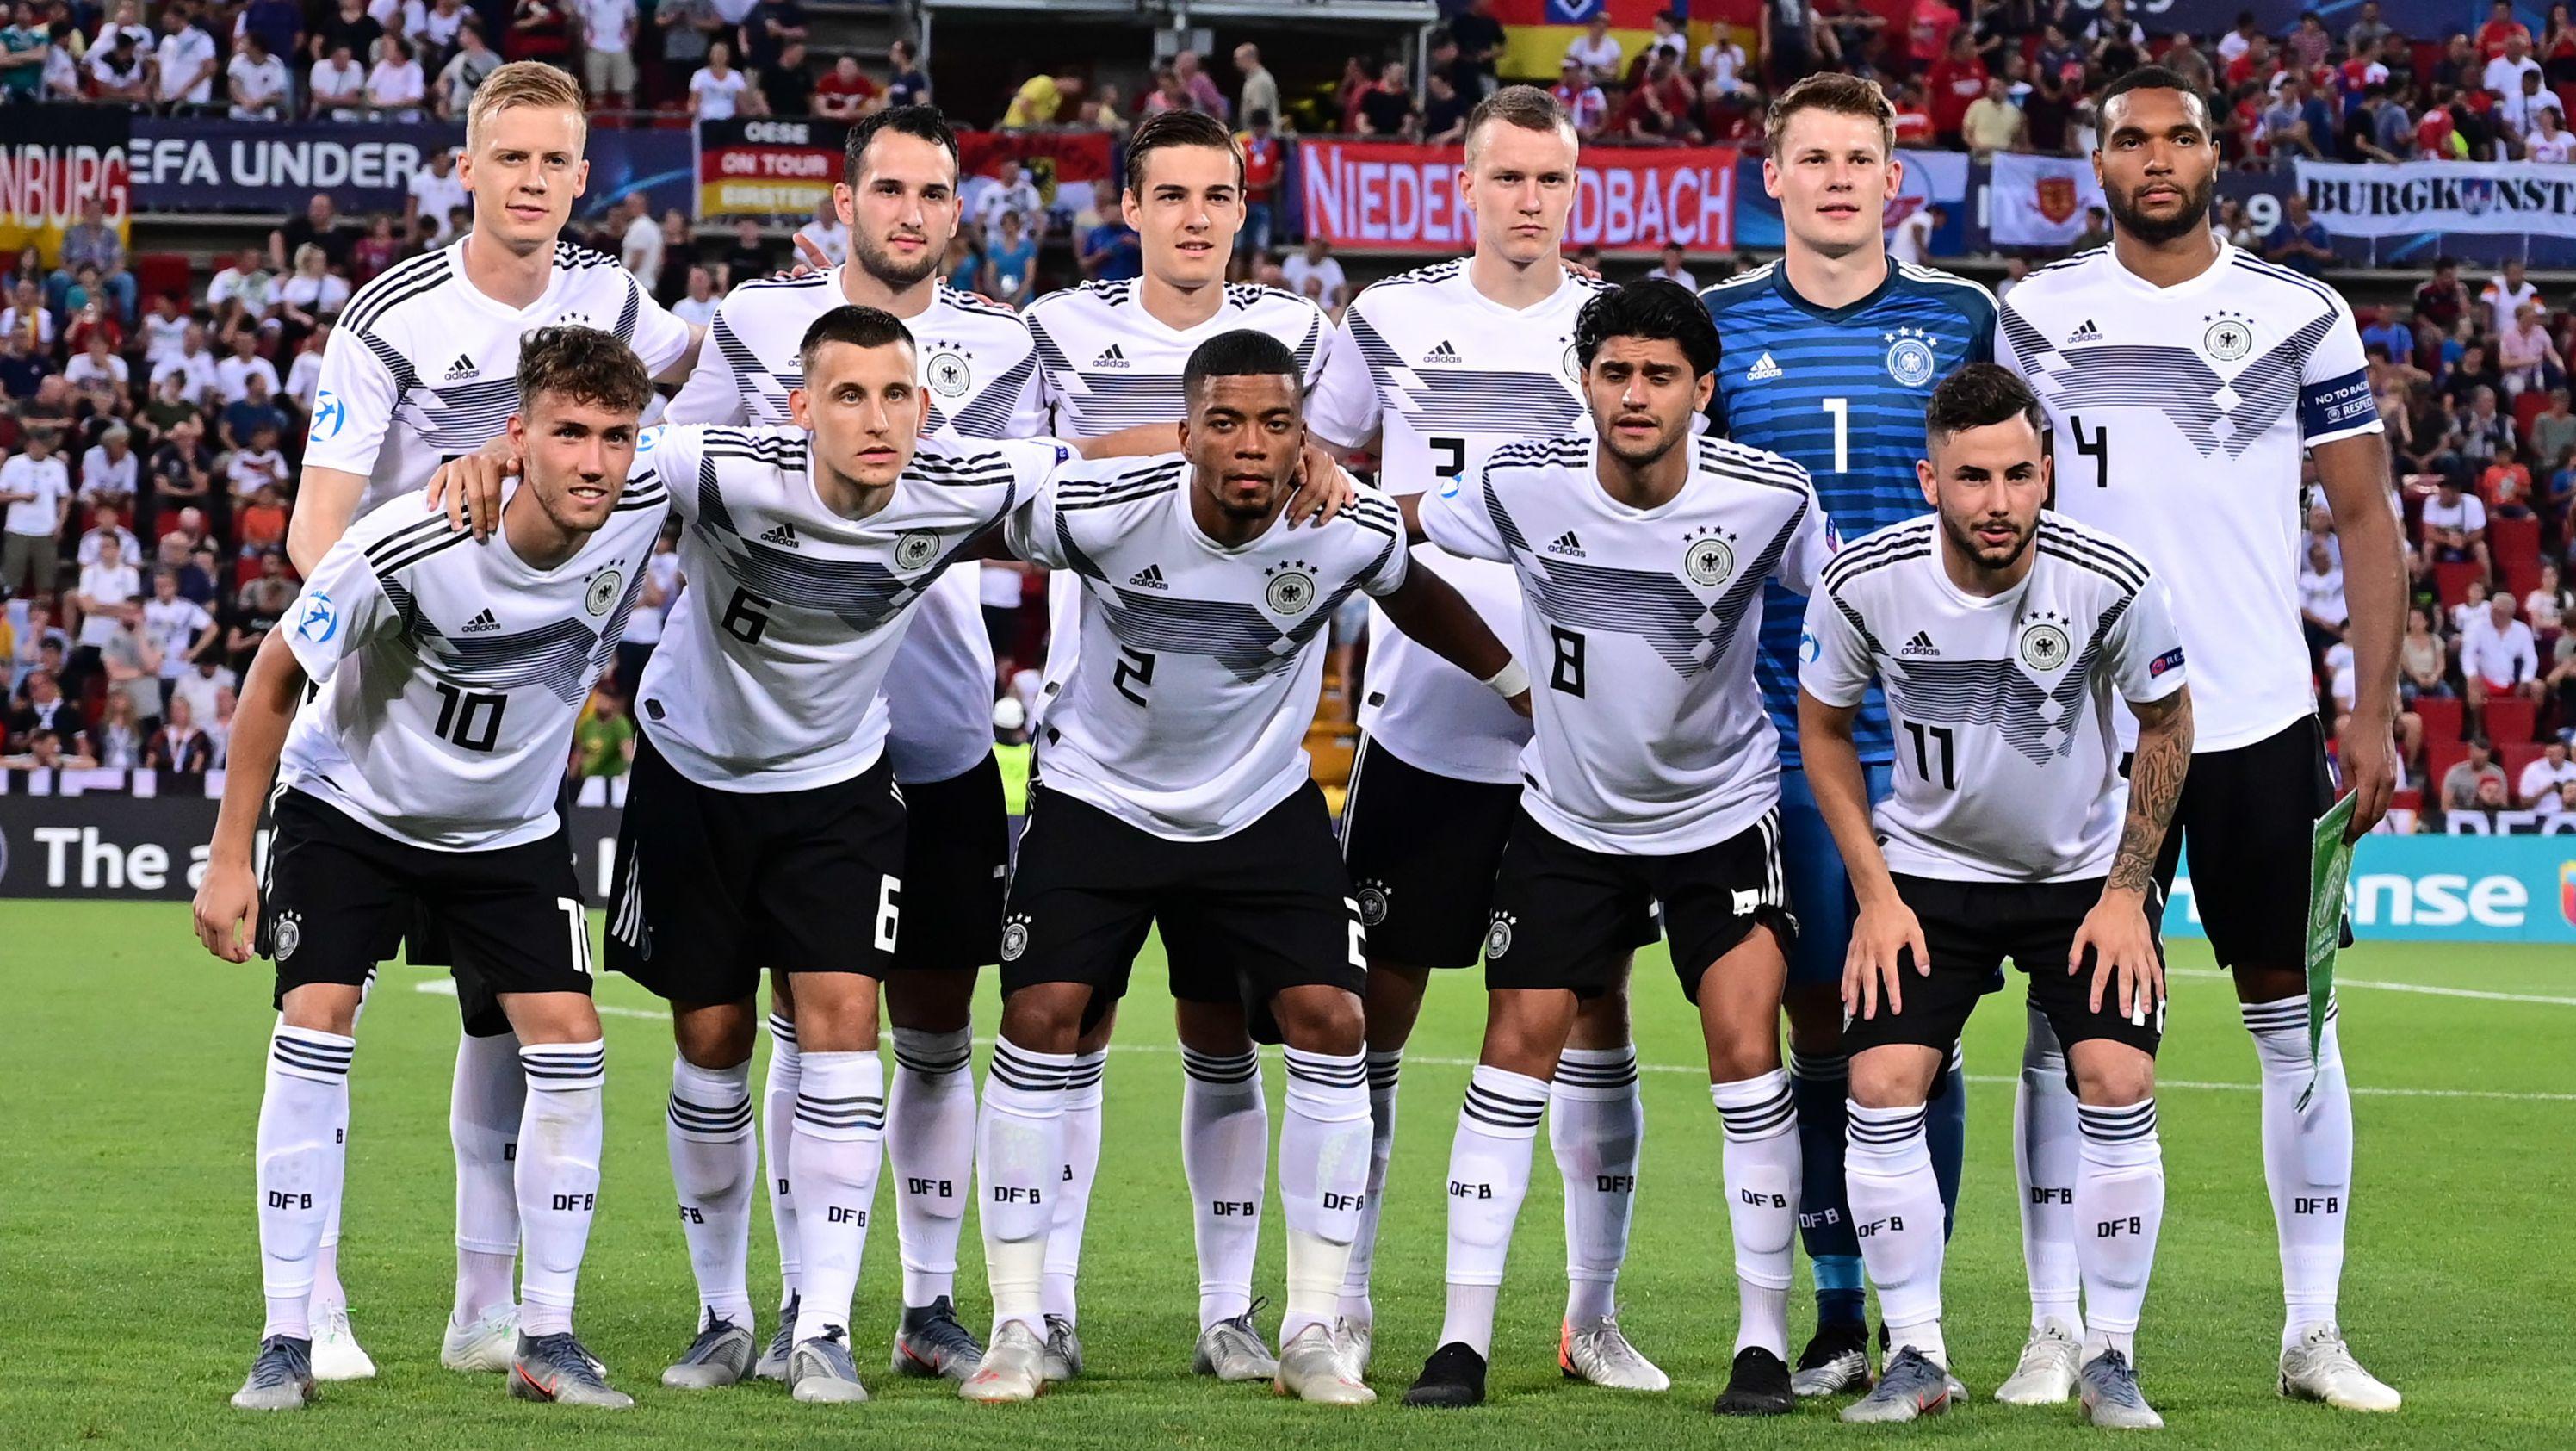 Auf dem Weg ins EM-Finale: Die deutsche U21